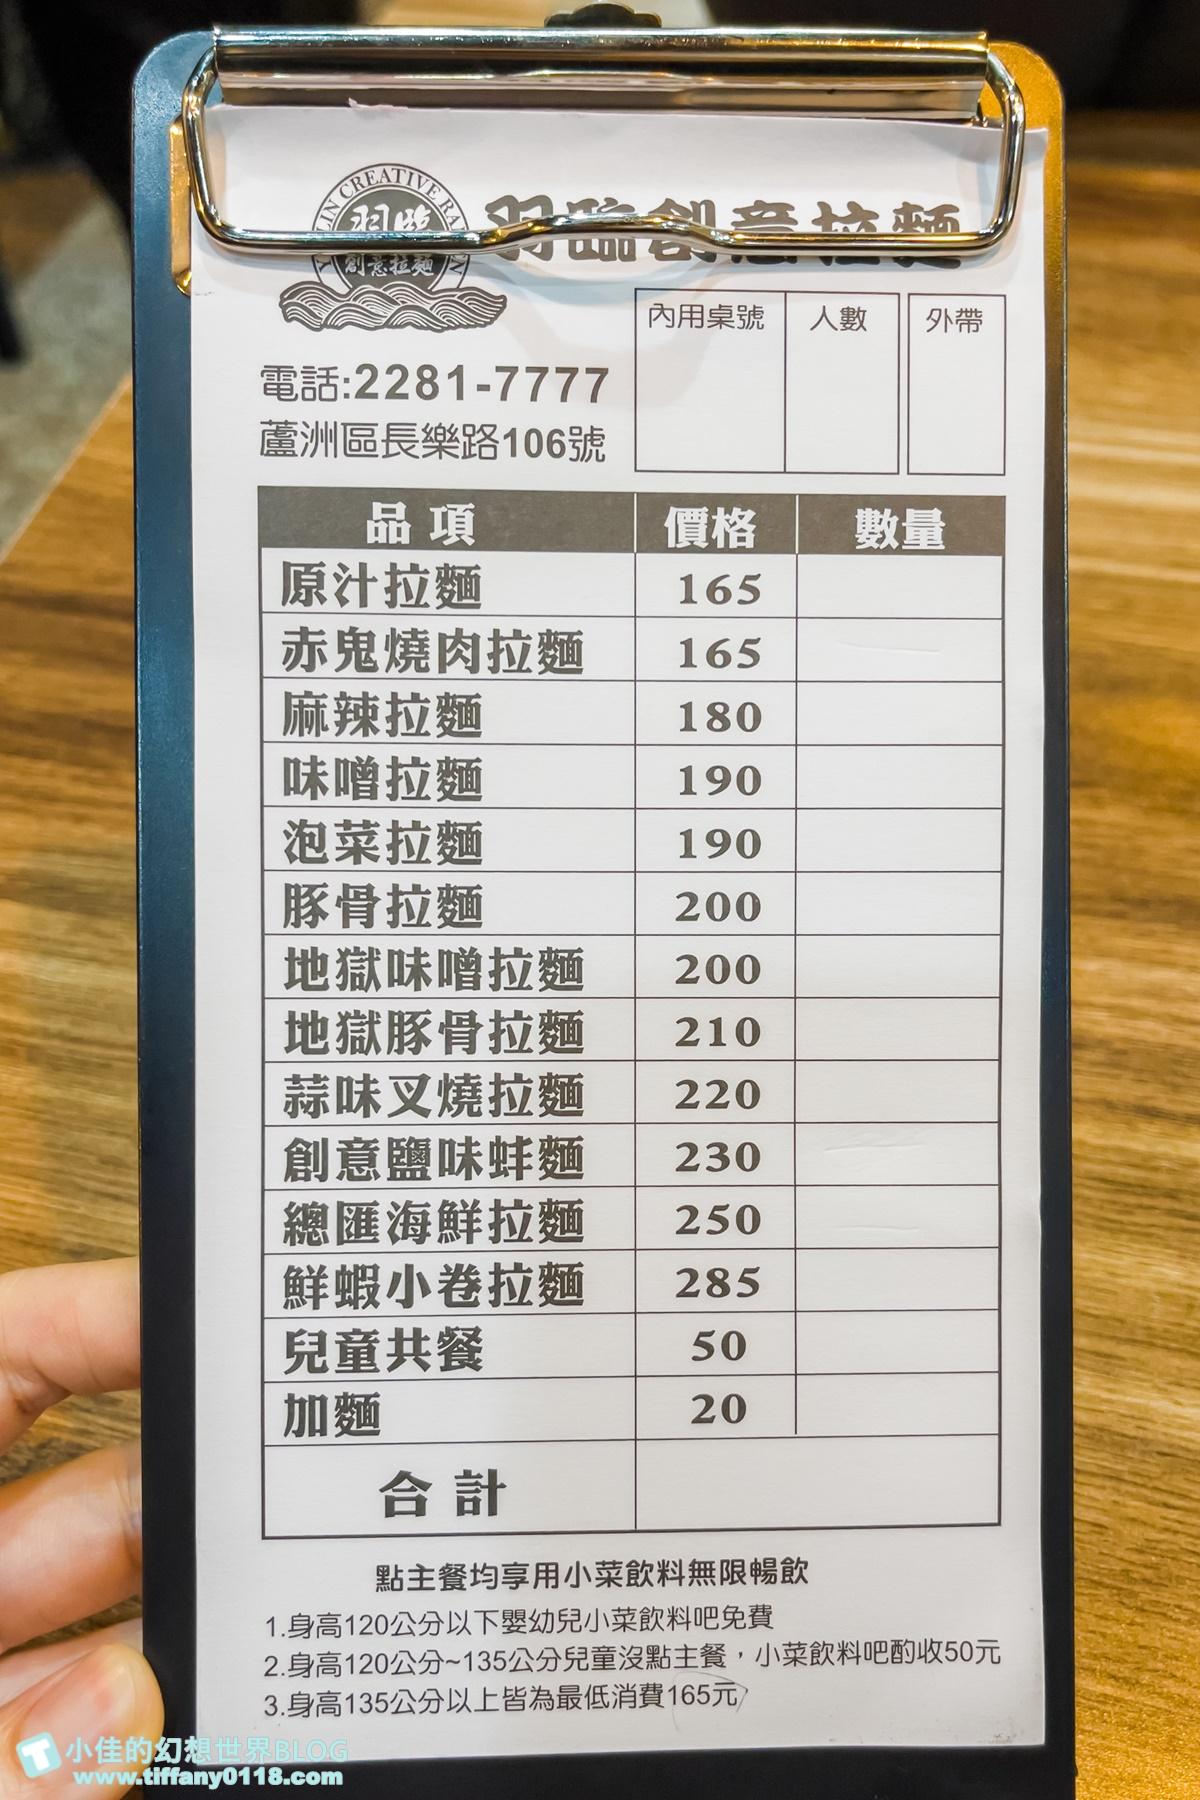 [蘆洲美食]羽臨創意拉麵/50道小菜任你吃到飽+飲料無限暢飲/拉麵165元起CP值超高/蘆洲拉麵推薦